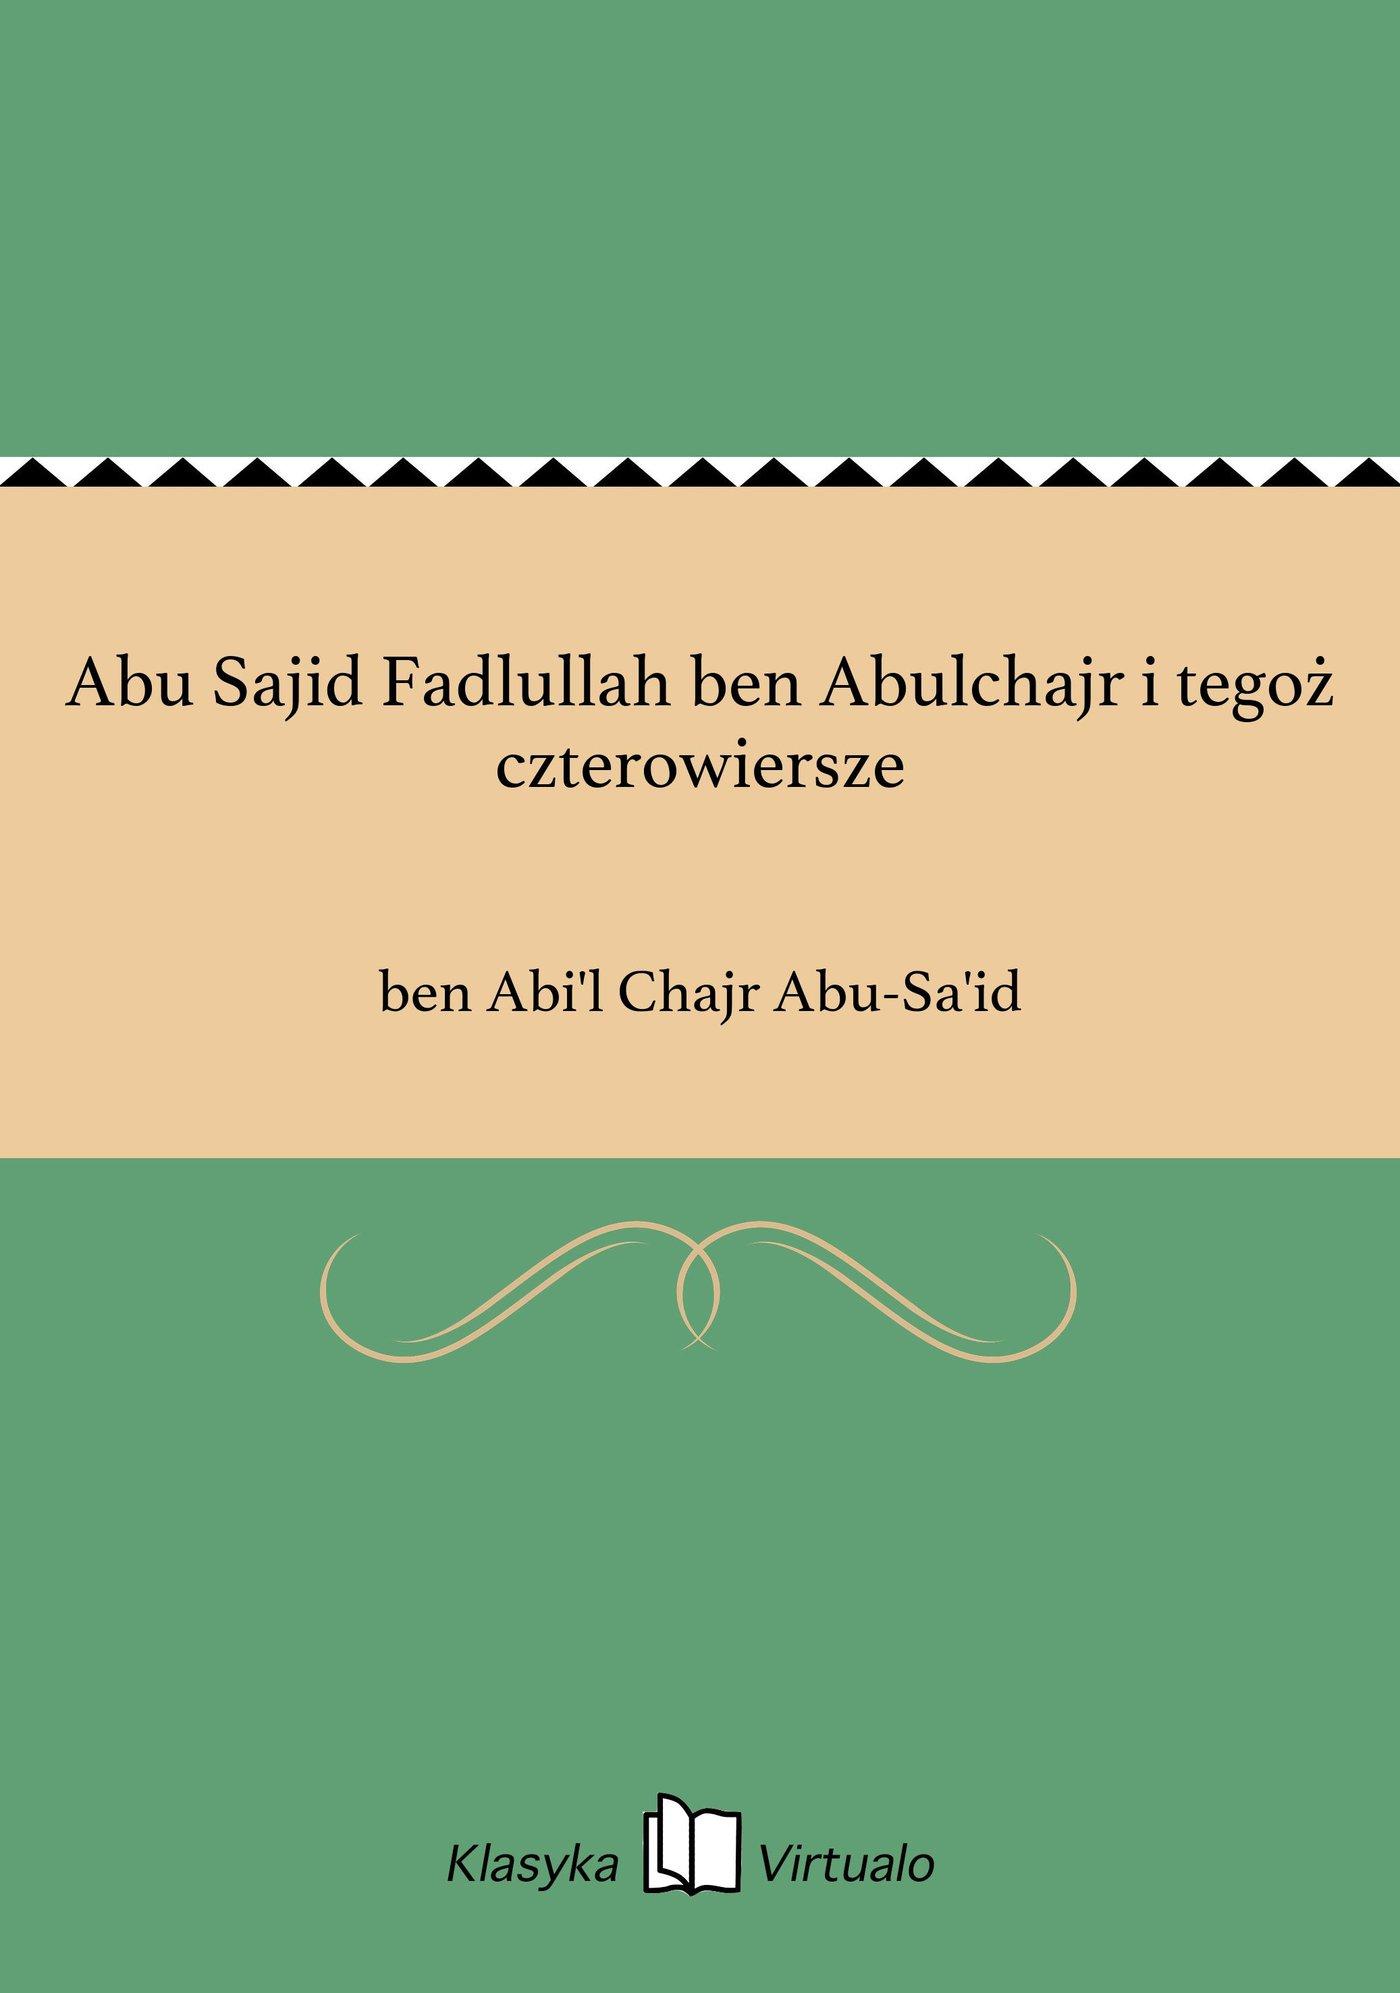 Abu Sajid Fadlullah ben Abulchajr i tegoż czterowiersze - Ebook (Książka EPUB) do pobrania w formacie EPUB